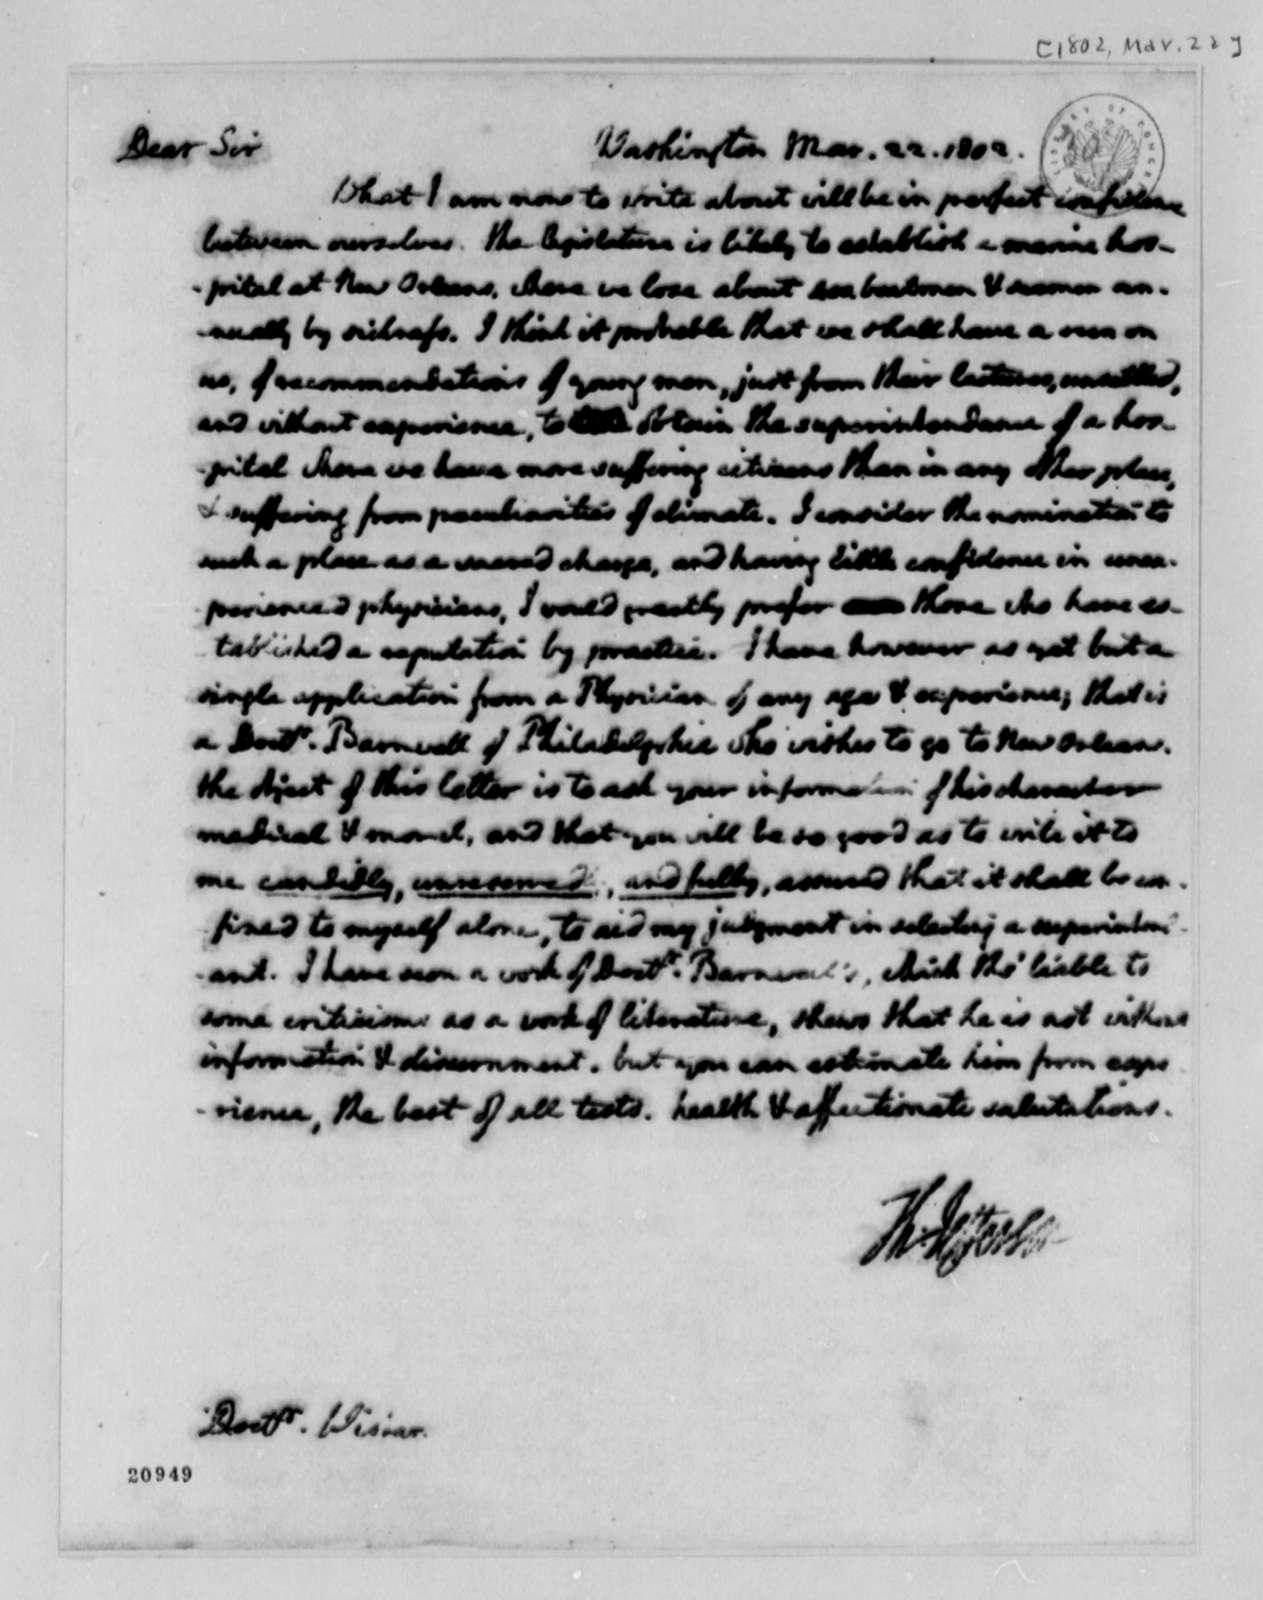 Thomas Jefferson to Caspar Wistar, March 22, 1802